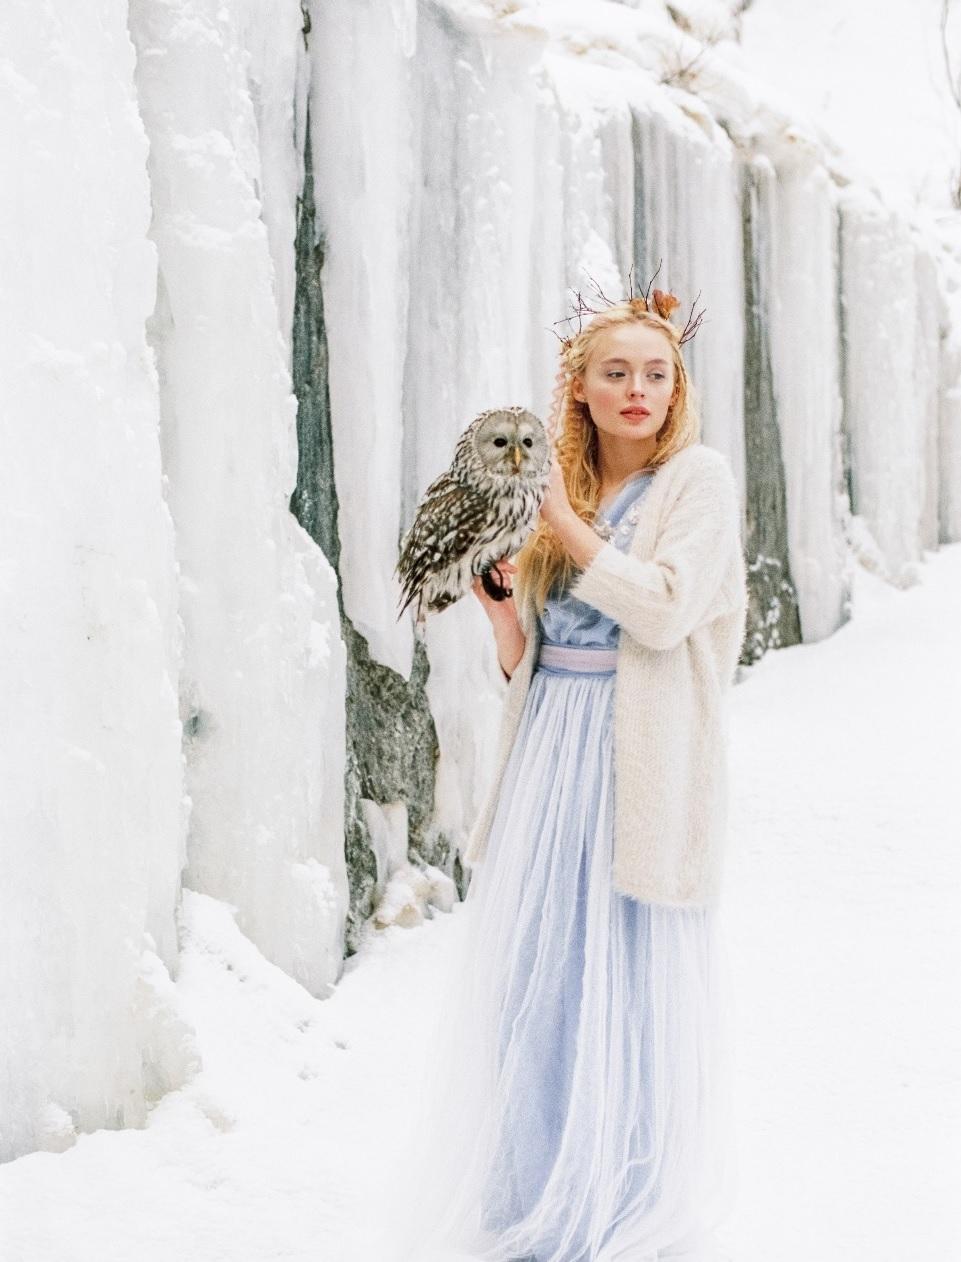 Невеста-Зима: как выбрать наряд для зимней свадьбы